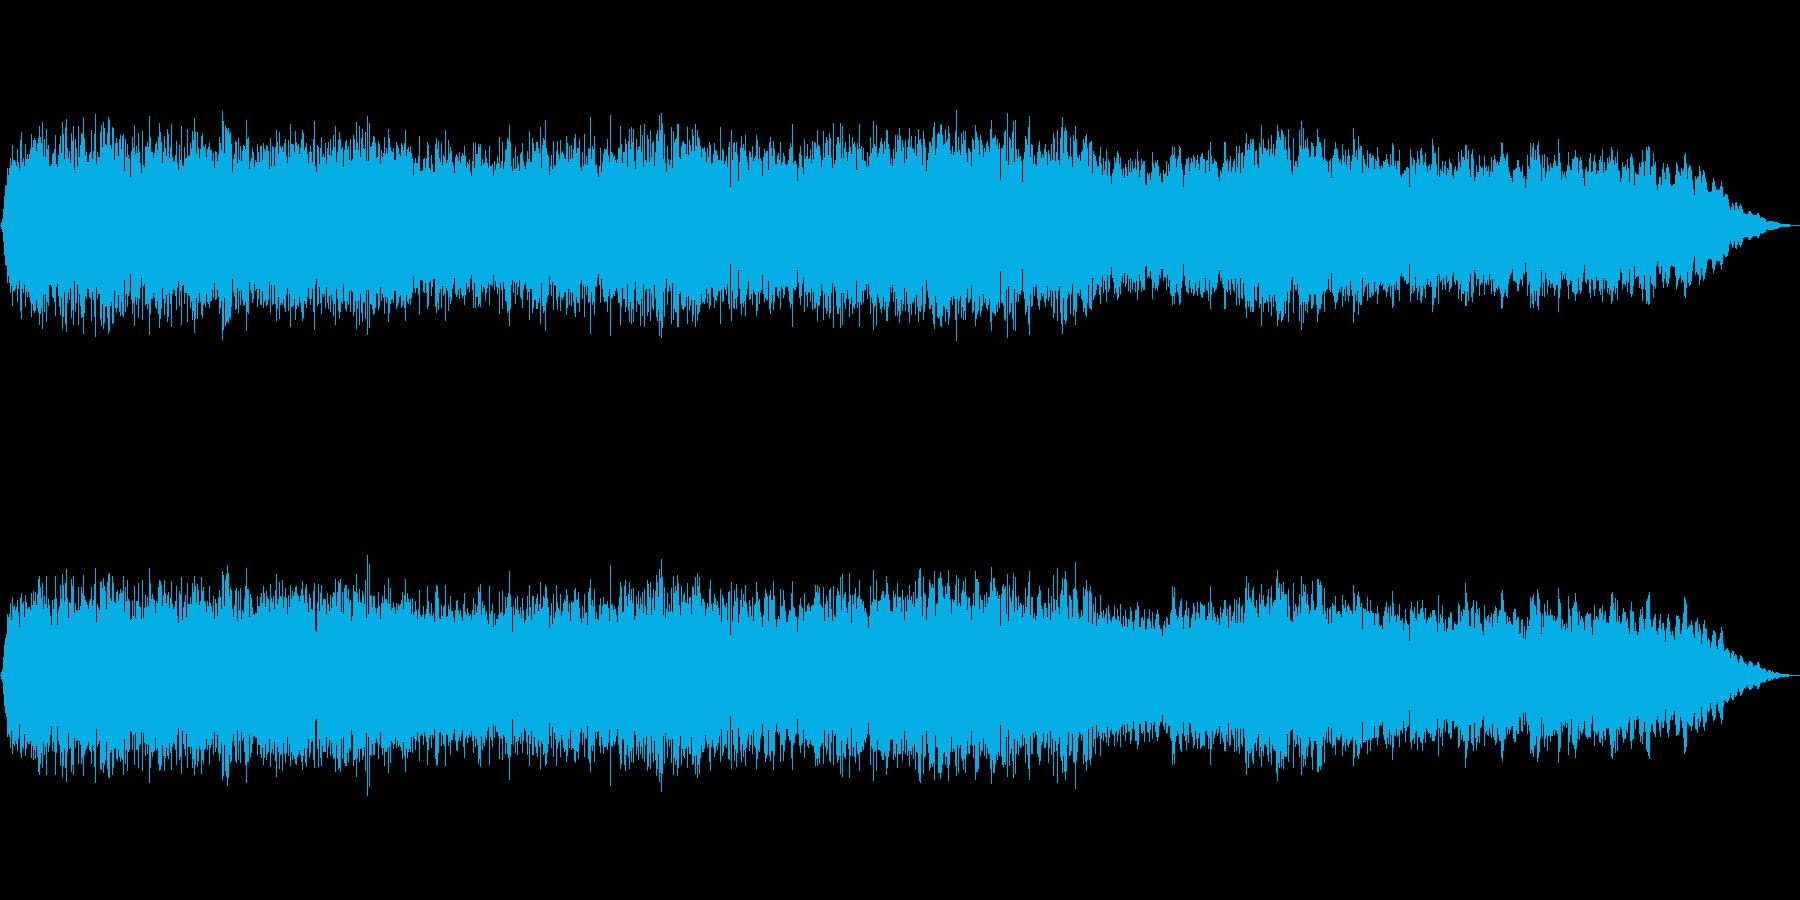 壮大な持続音の再生済みの波形